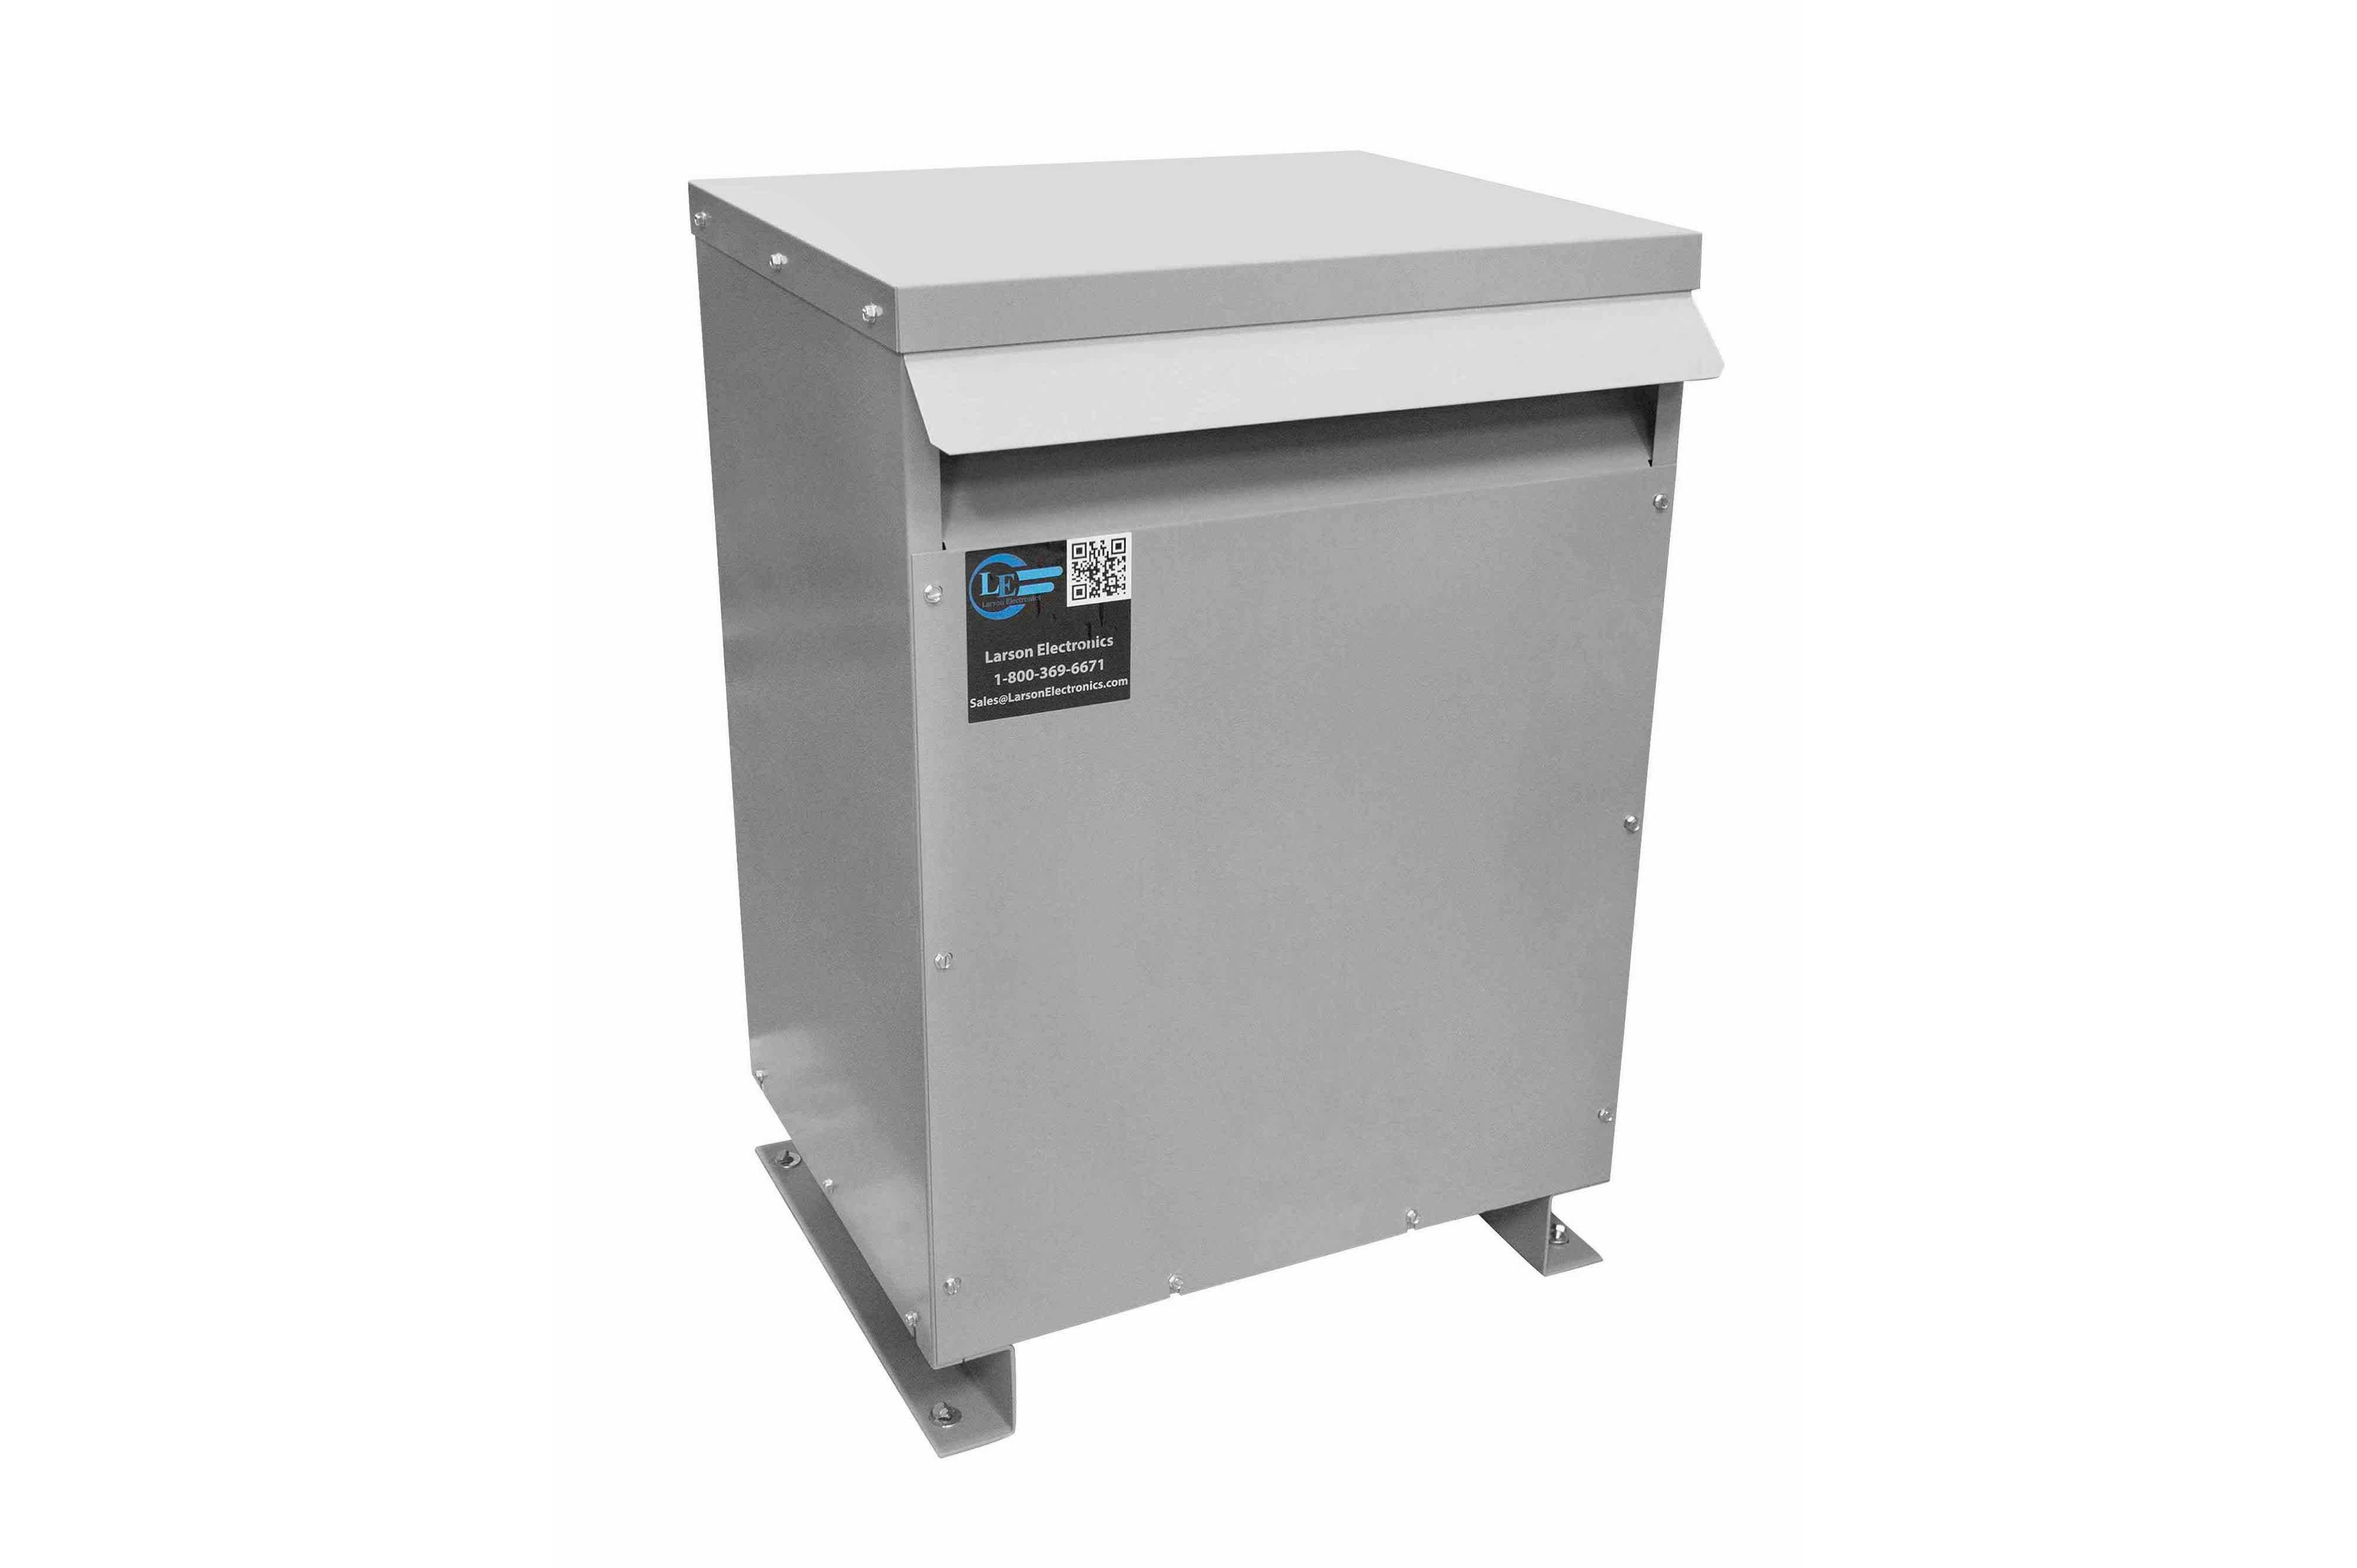 115 kVA 3PH Isolation Transformer, 480V Delta Primary, 415V Delta Secondary, N3R, Ventilated, 60 Hz